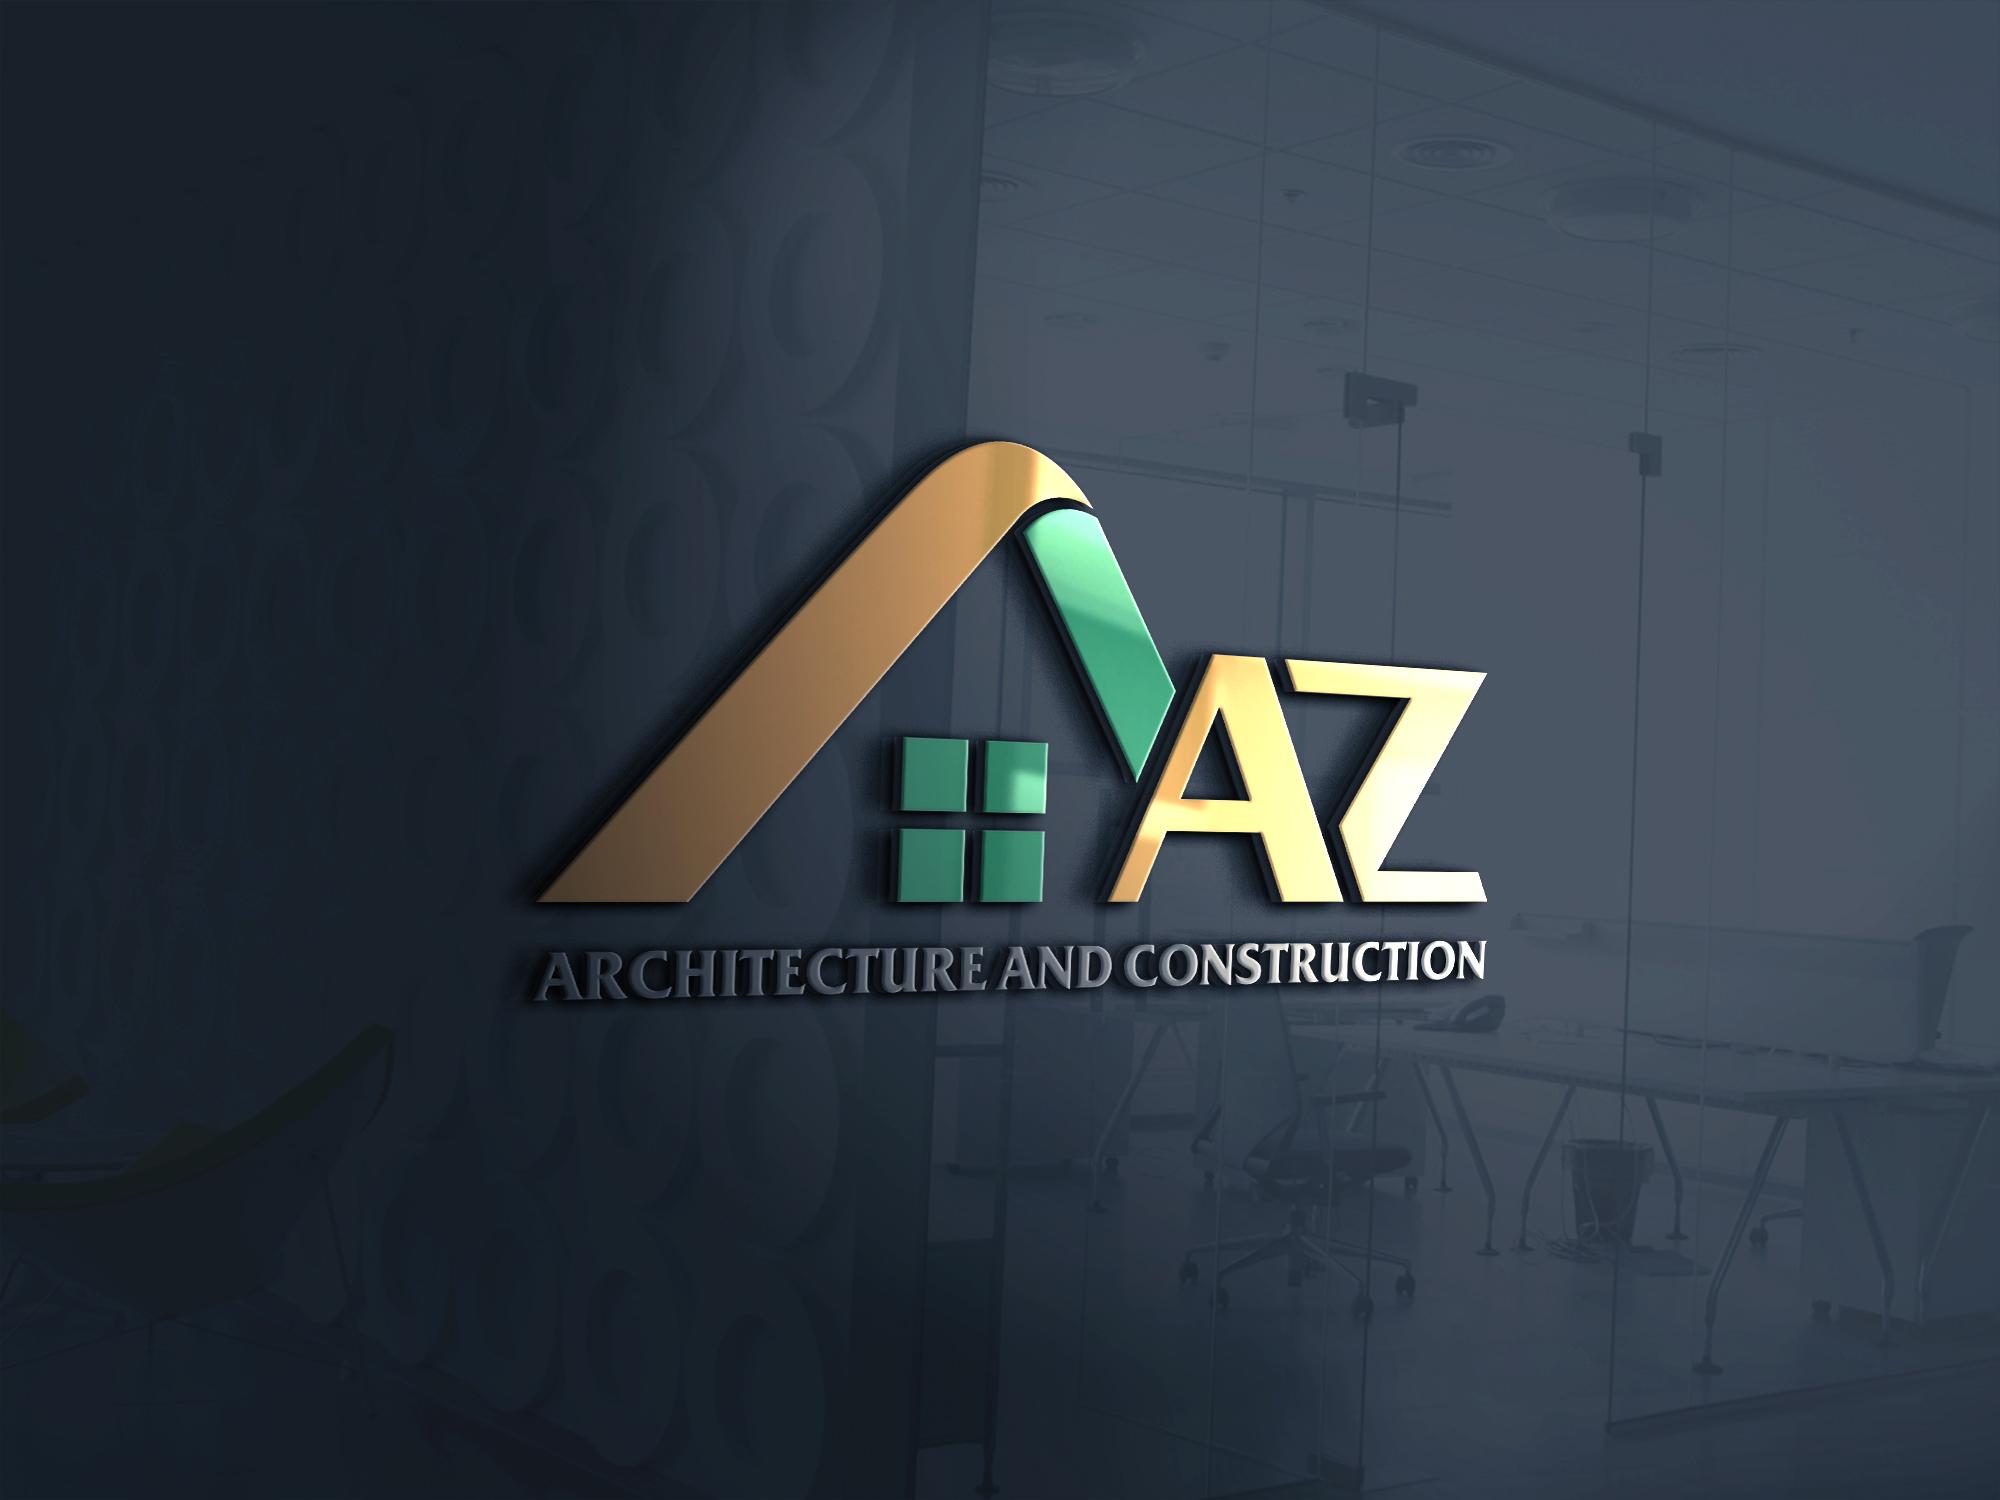 Logo công ty xây dựng AZ